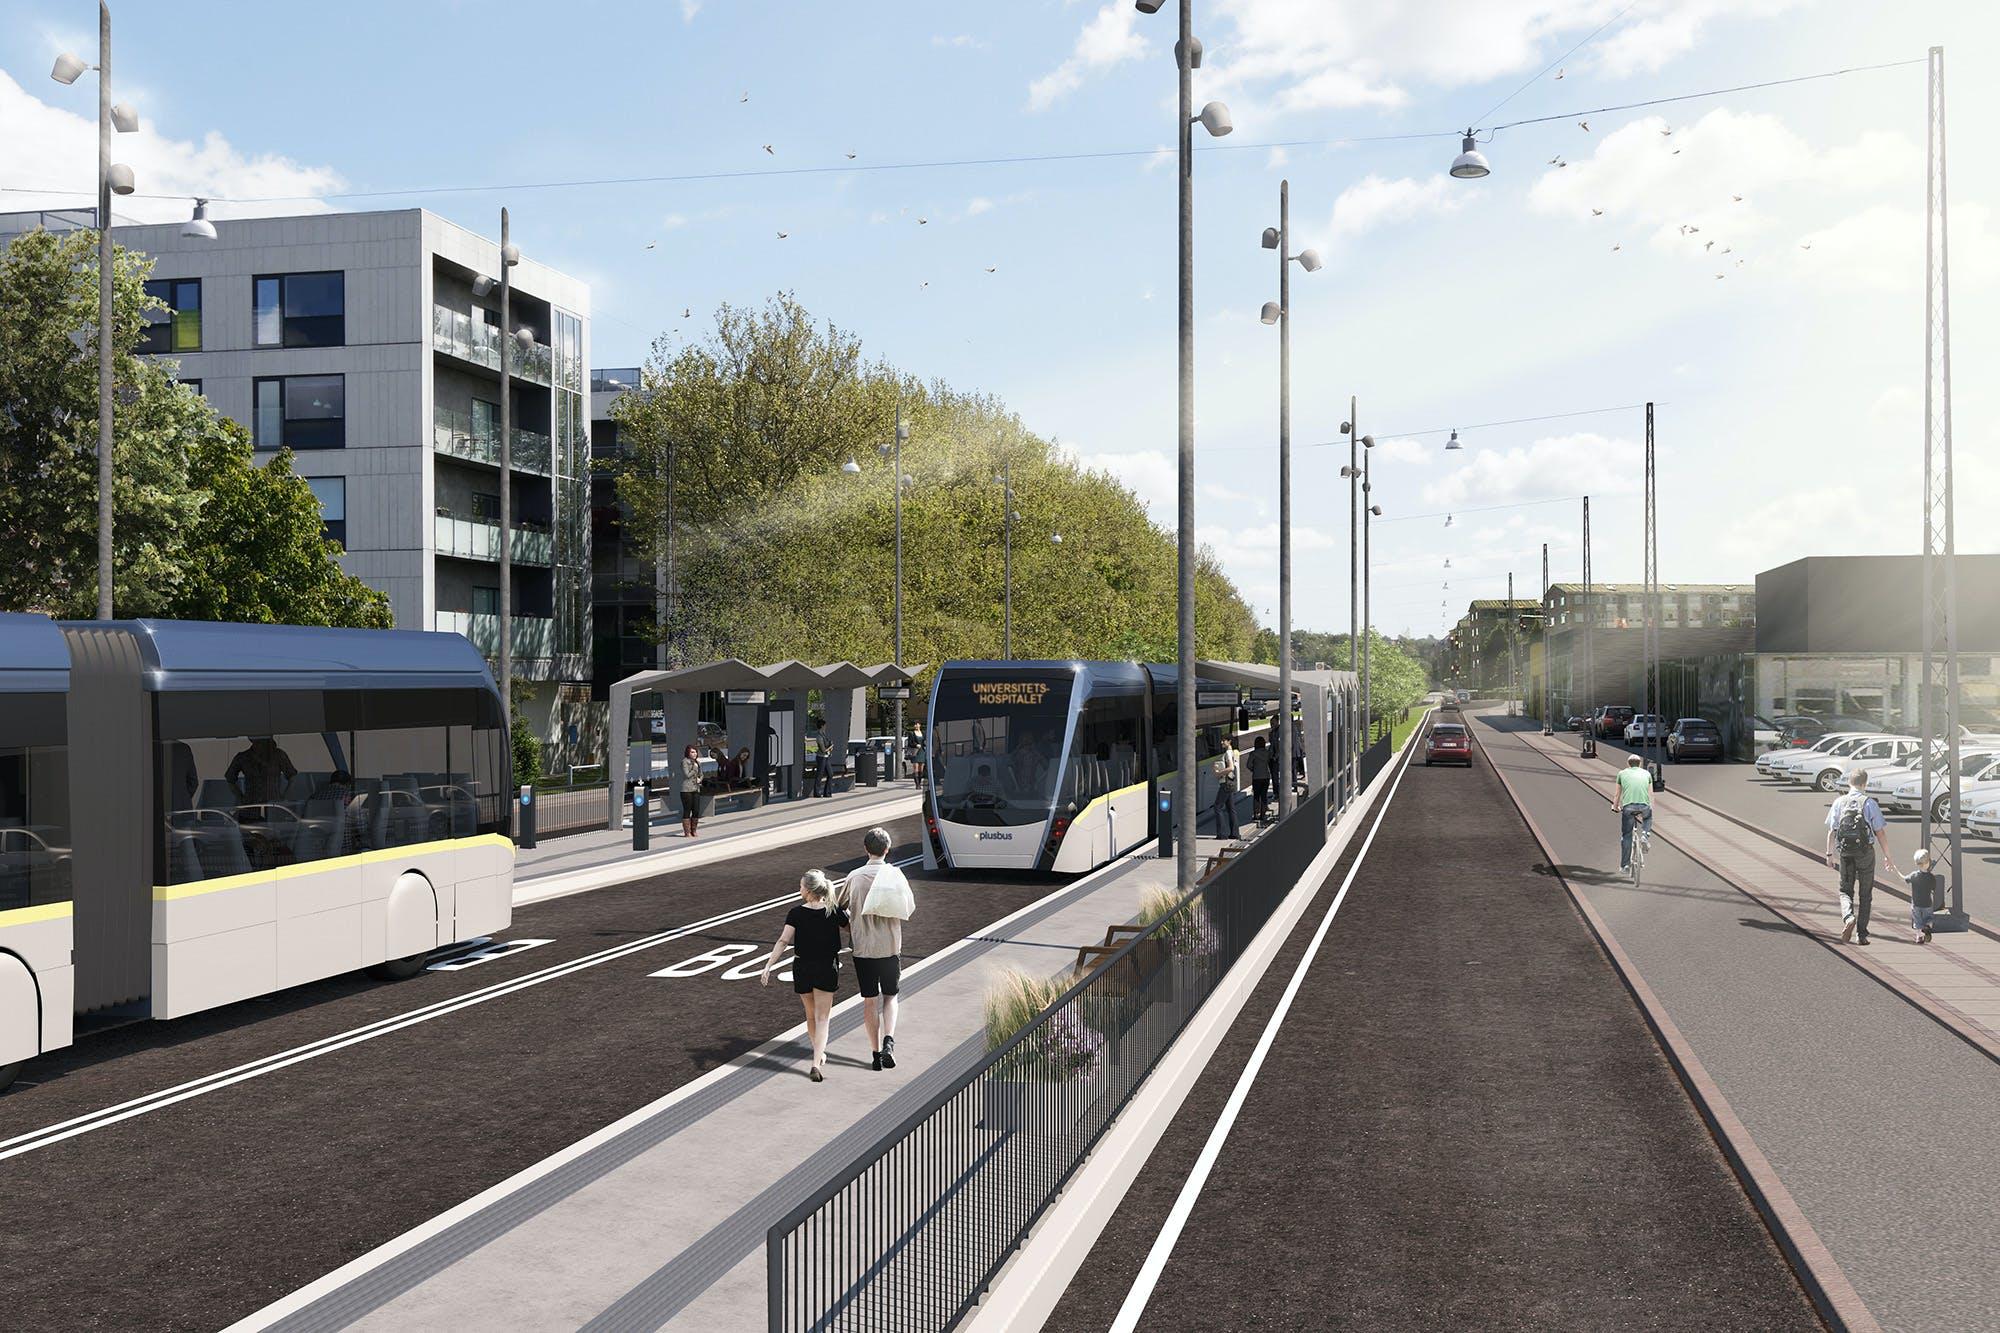 En visualisering af, hvordan den kommende elektriske Plusbus kommer til at se ud. Illustration: Nordjyllands Trafikselskab